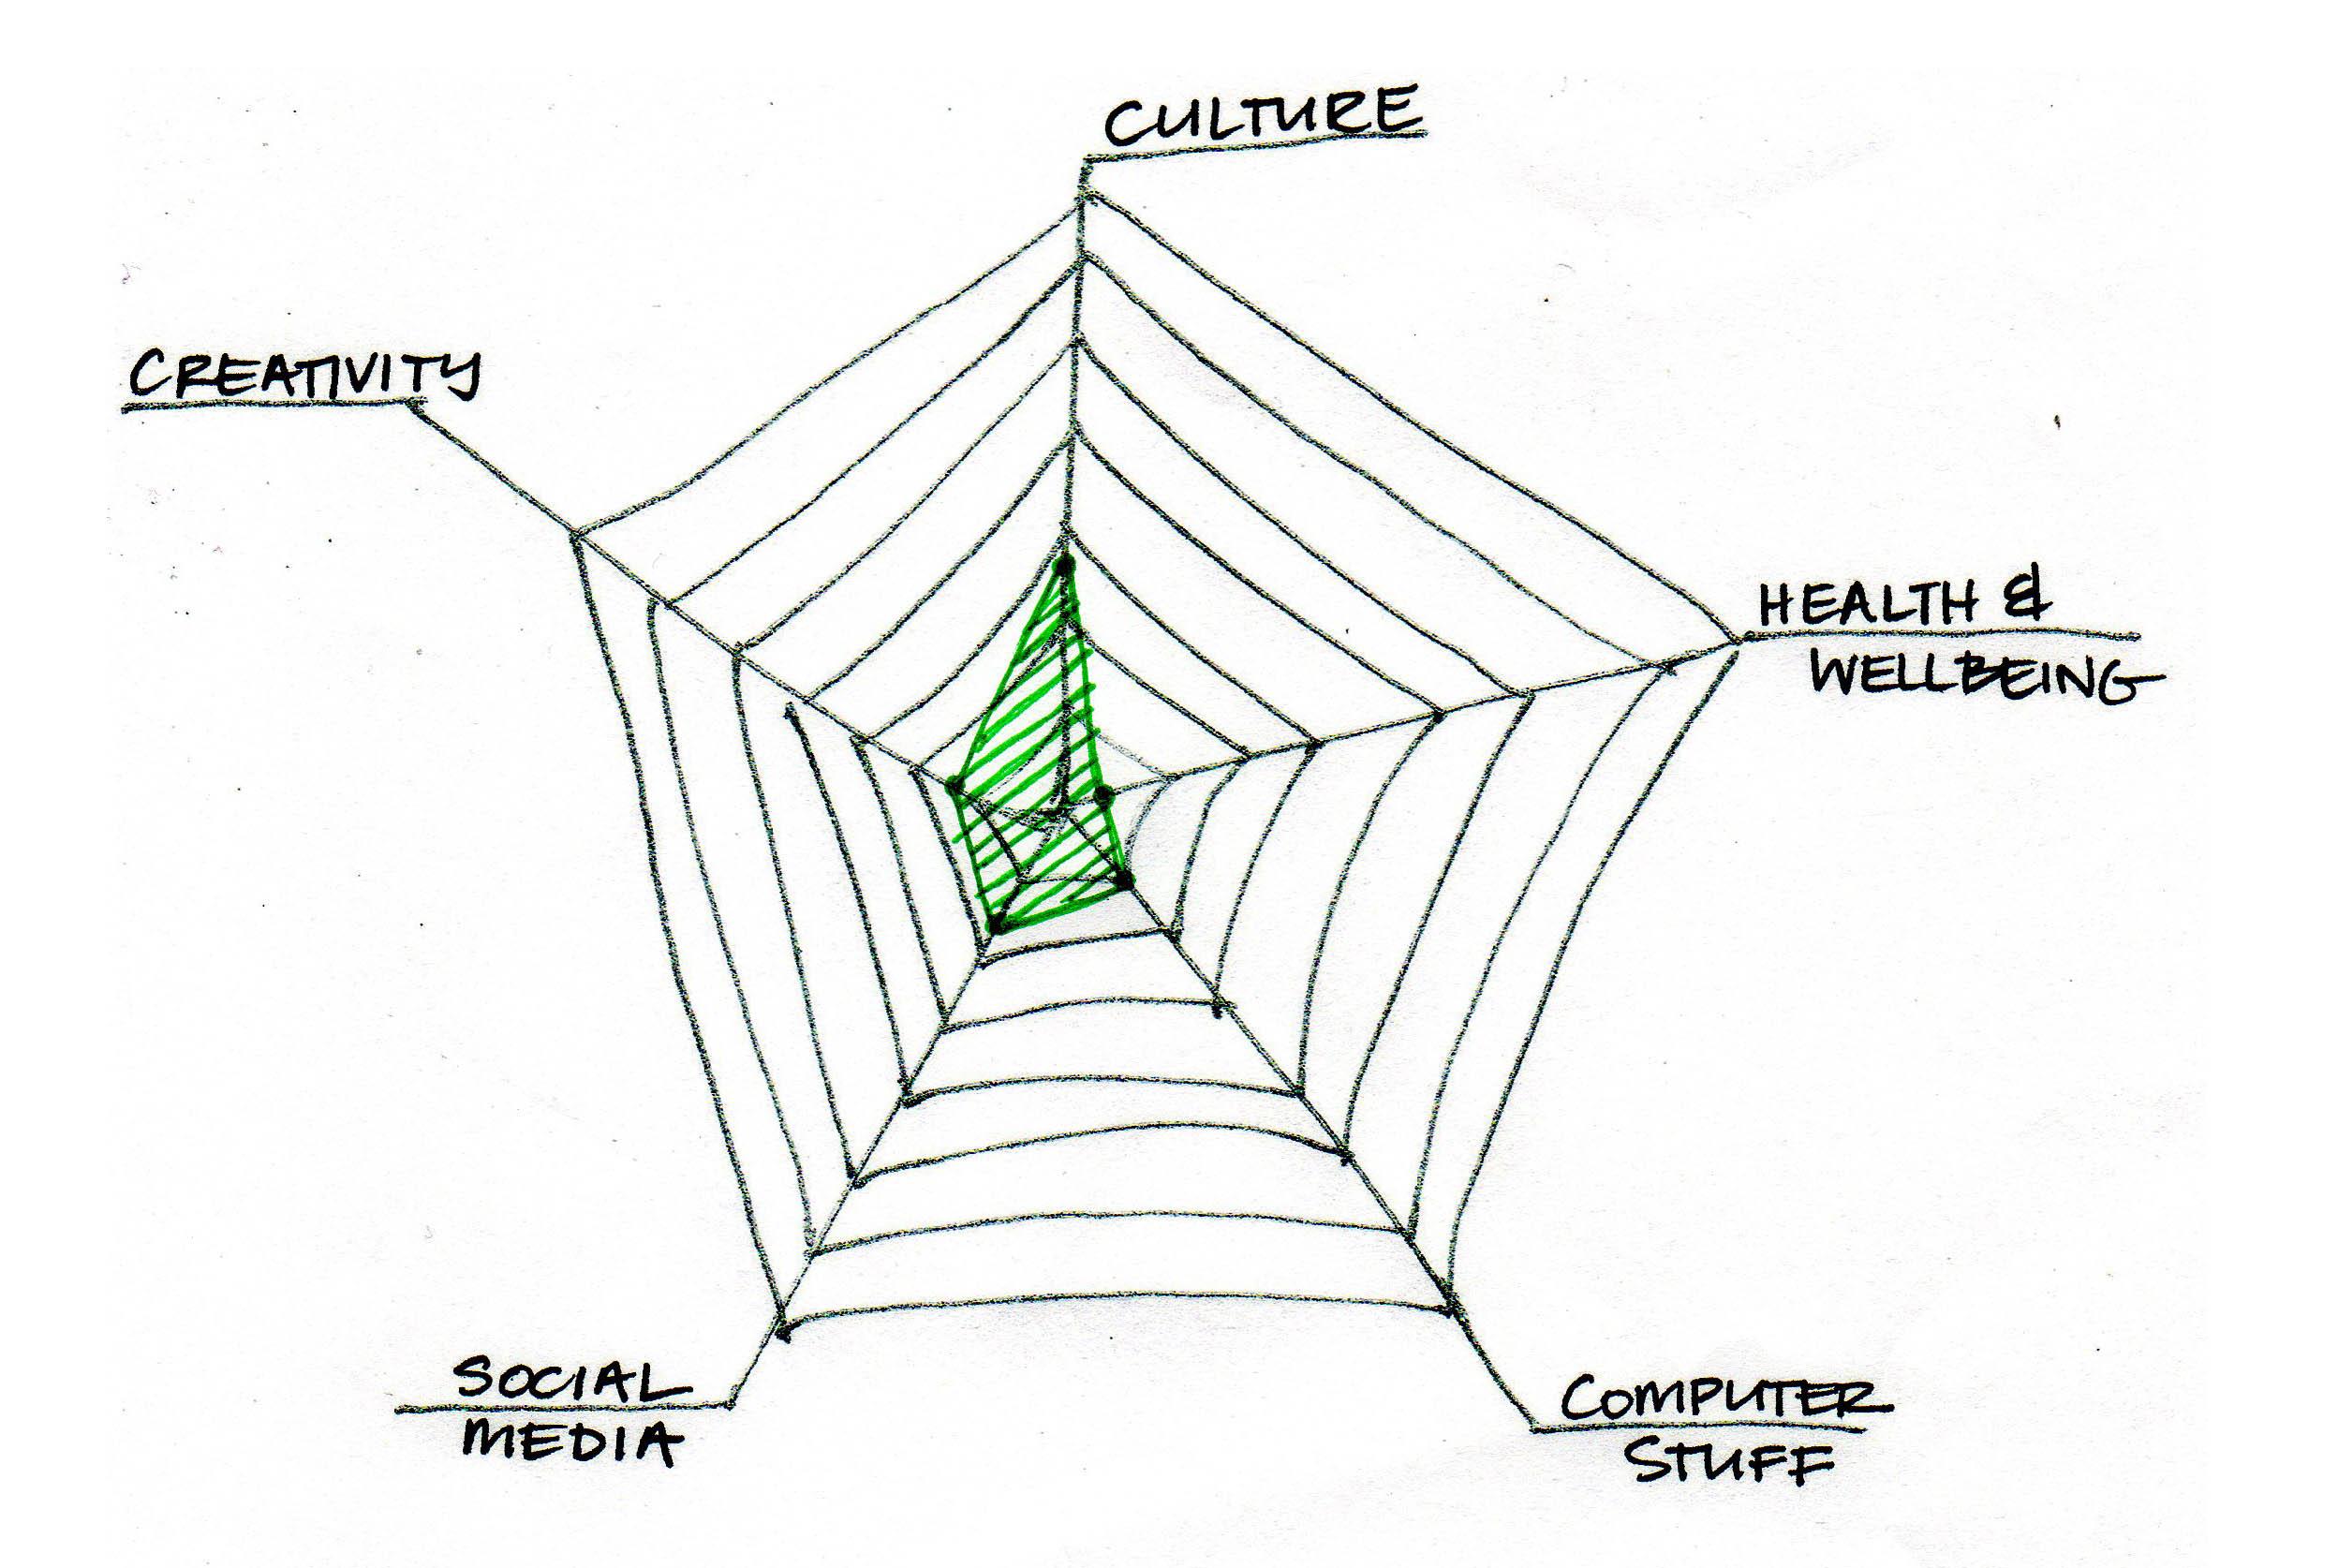 Spider Web Diagram